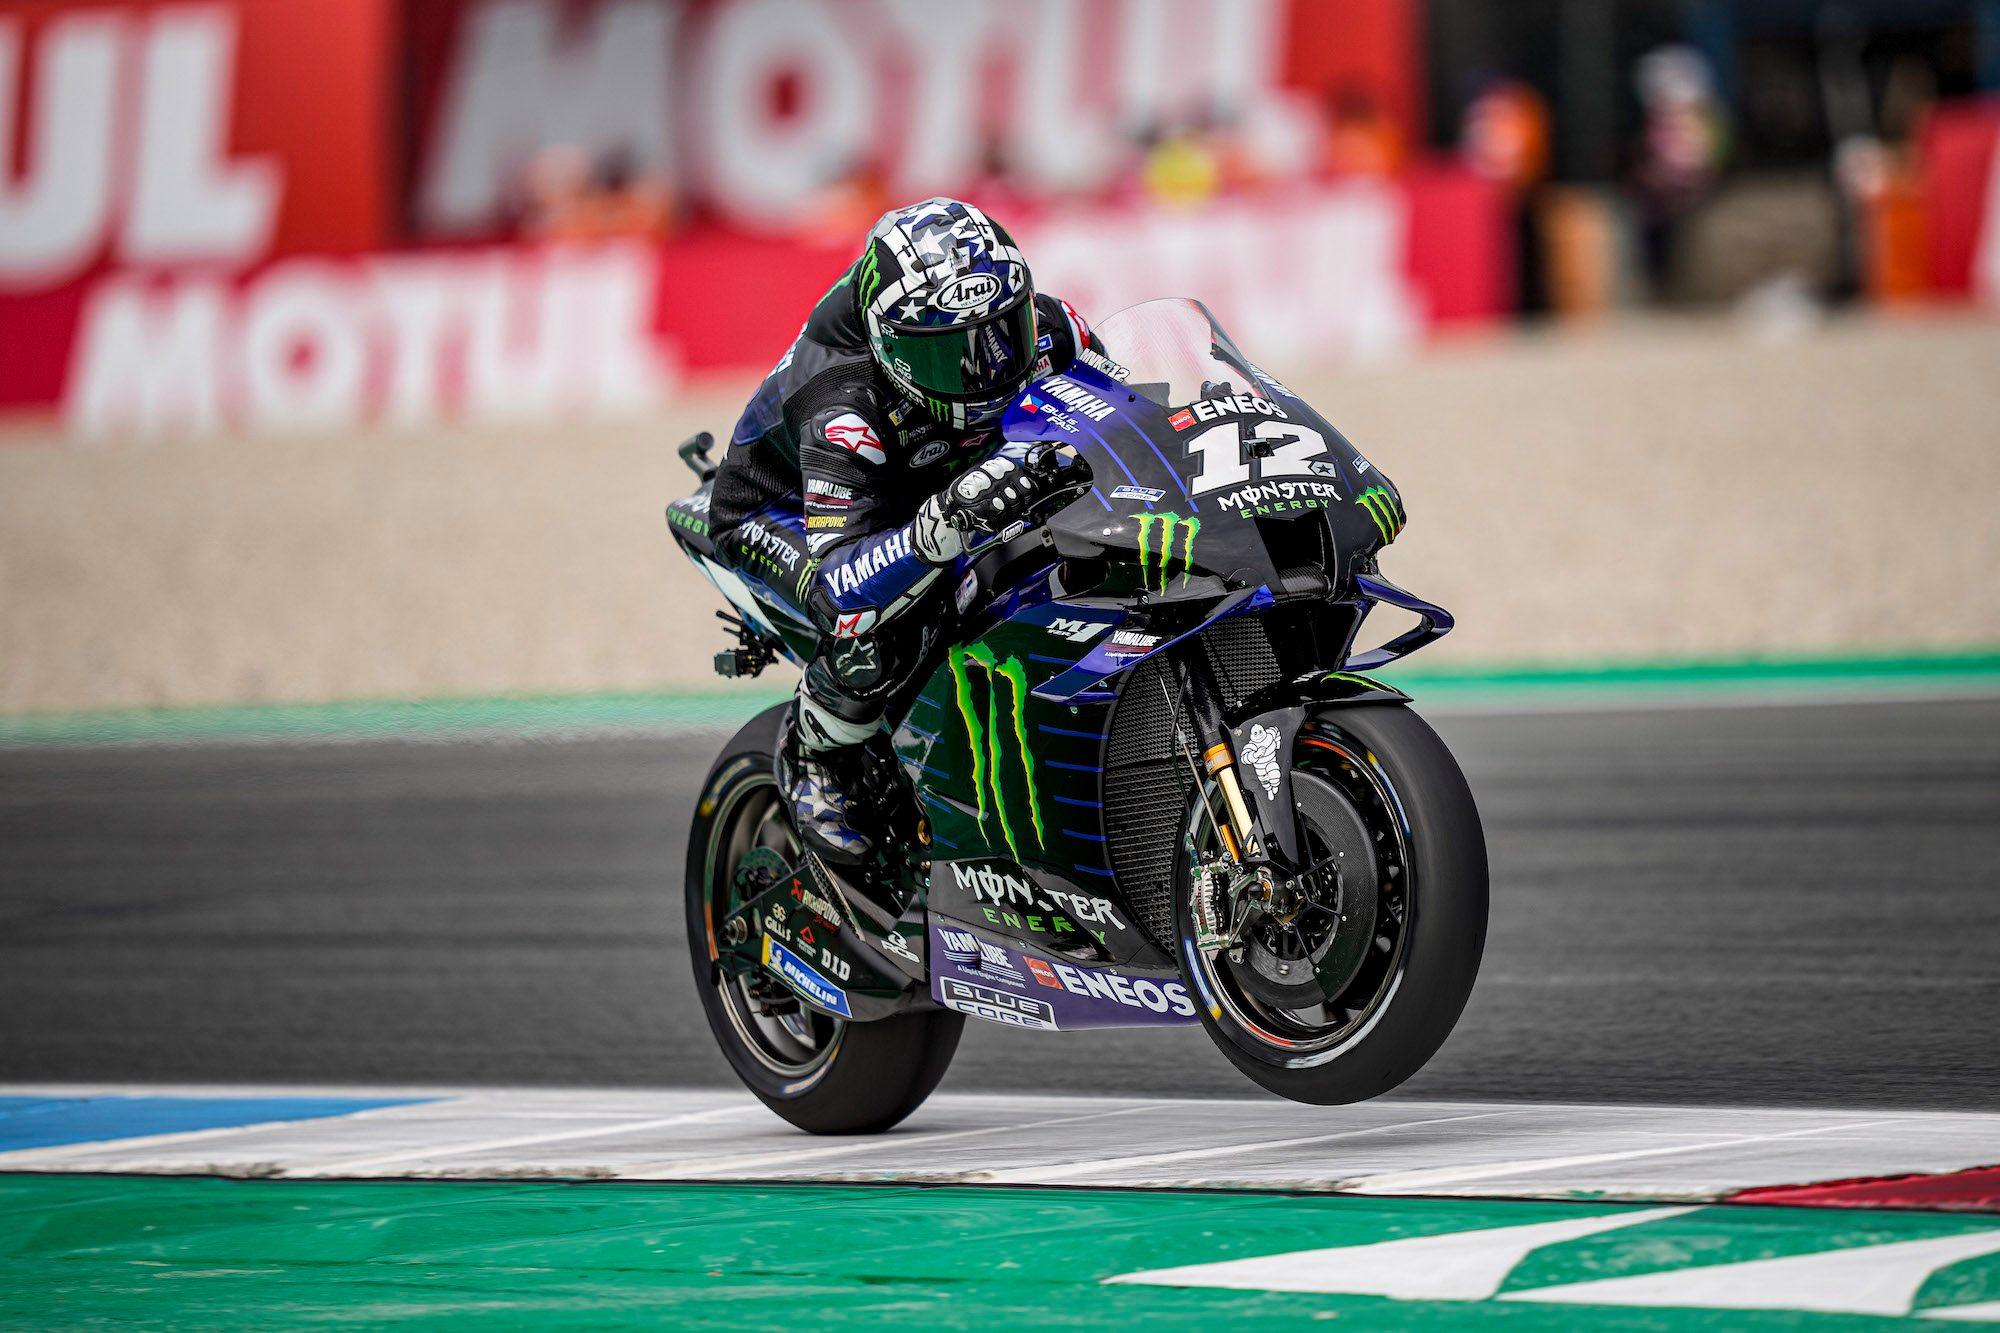 """MotoGP. Asseno trasos rekordą pagerinęs M. Vinalesas iškovojo """"pole"""""""